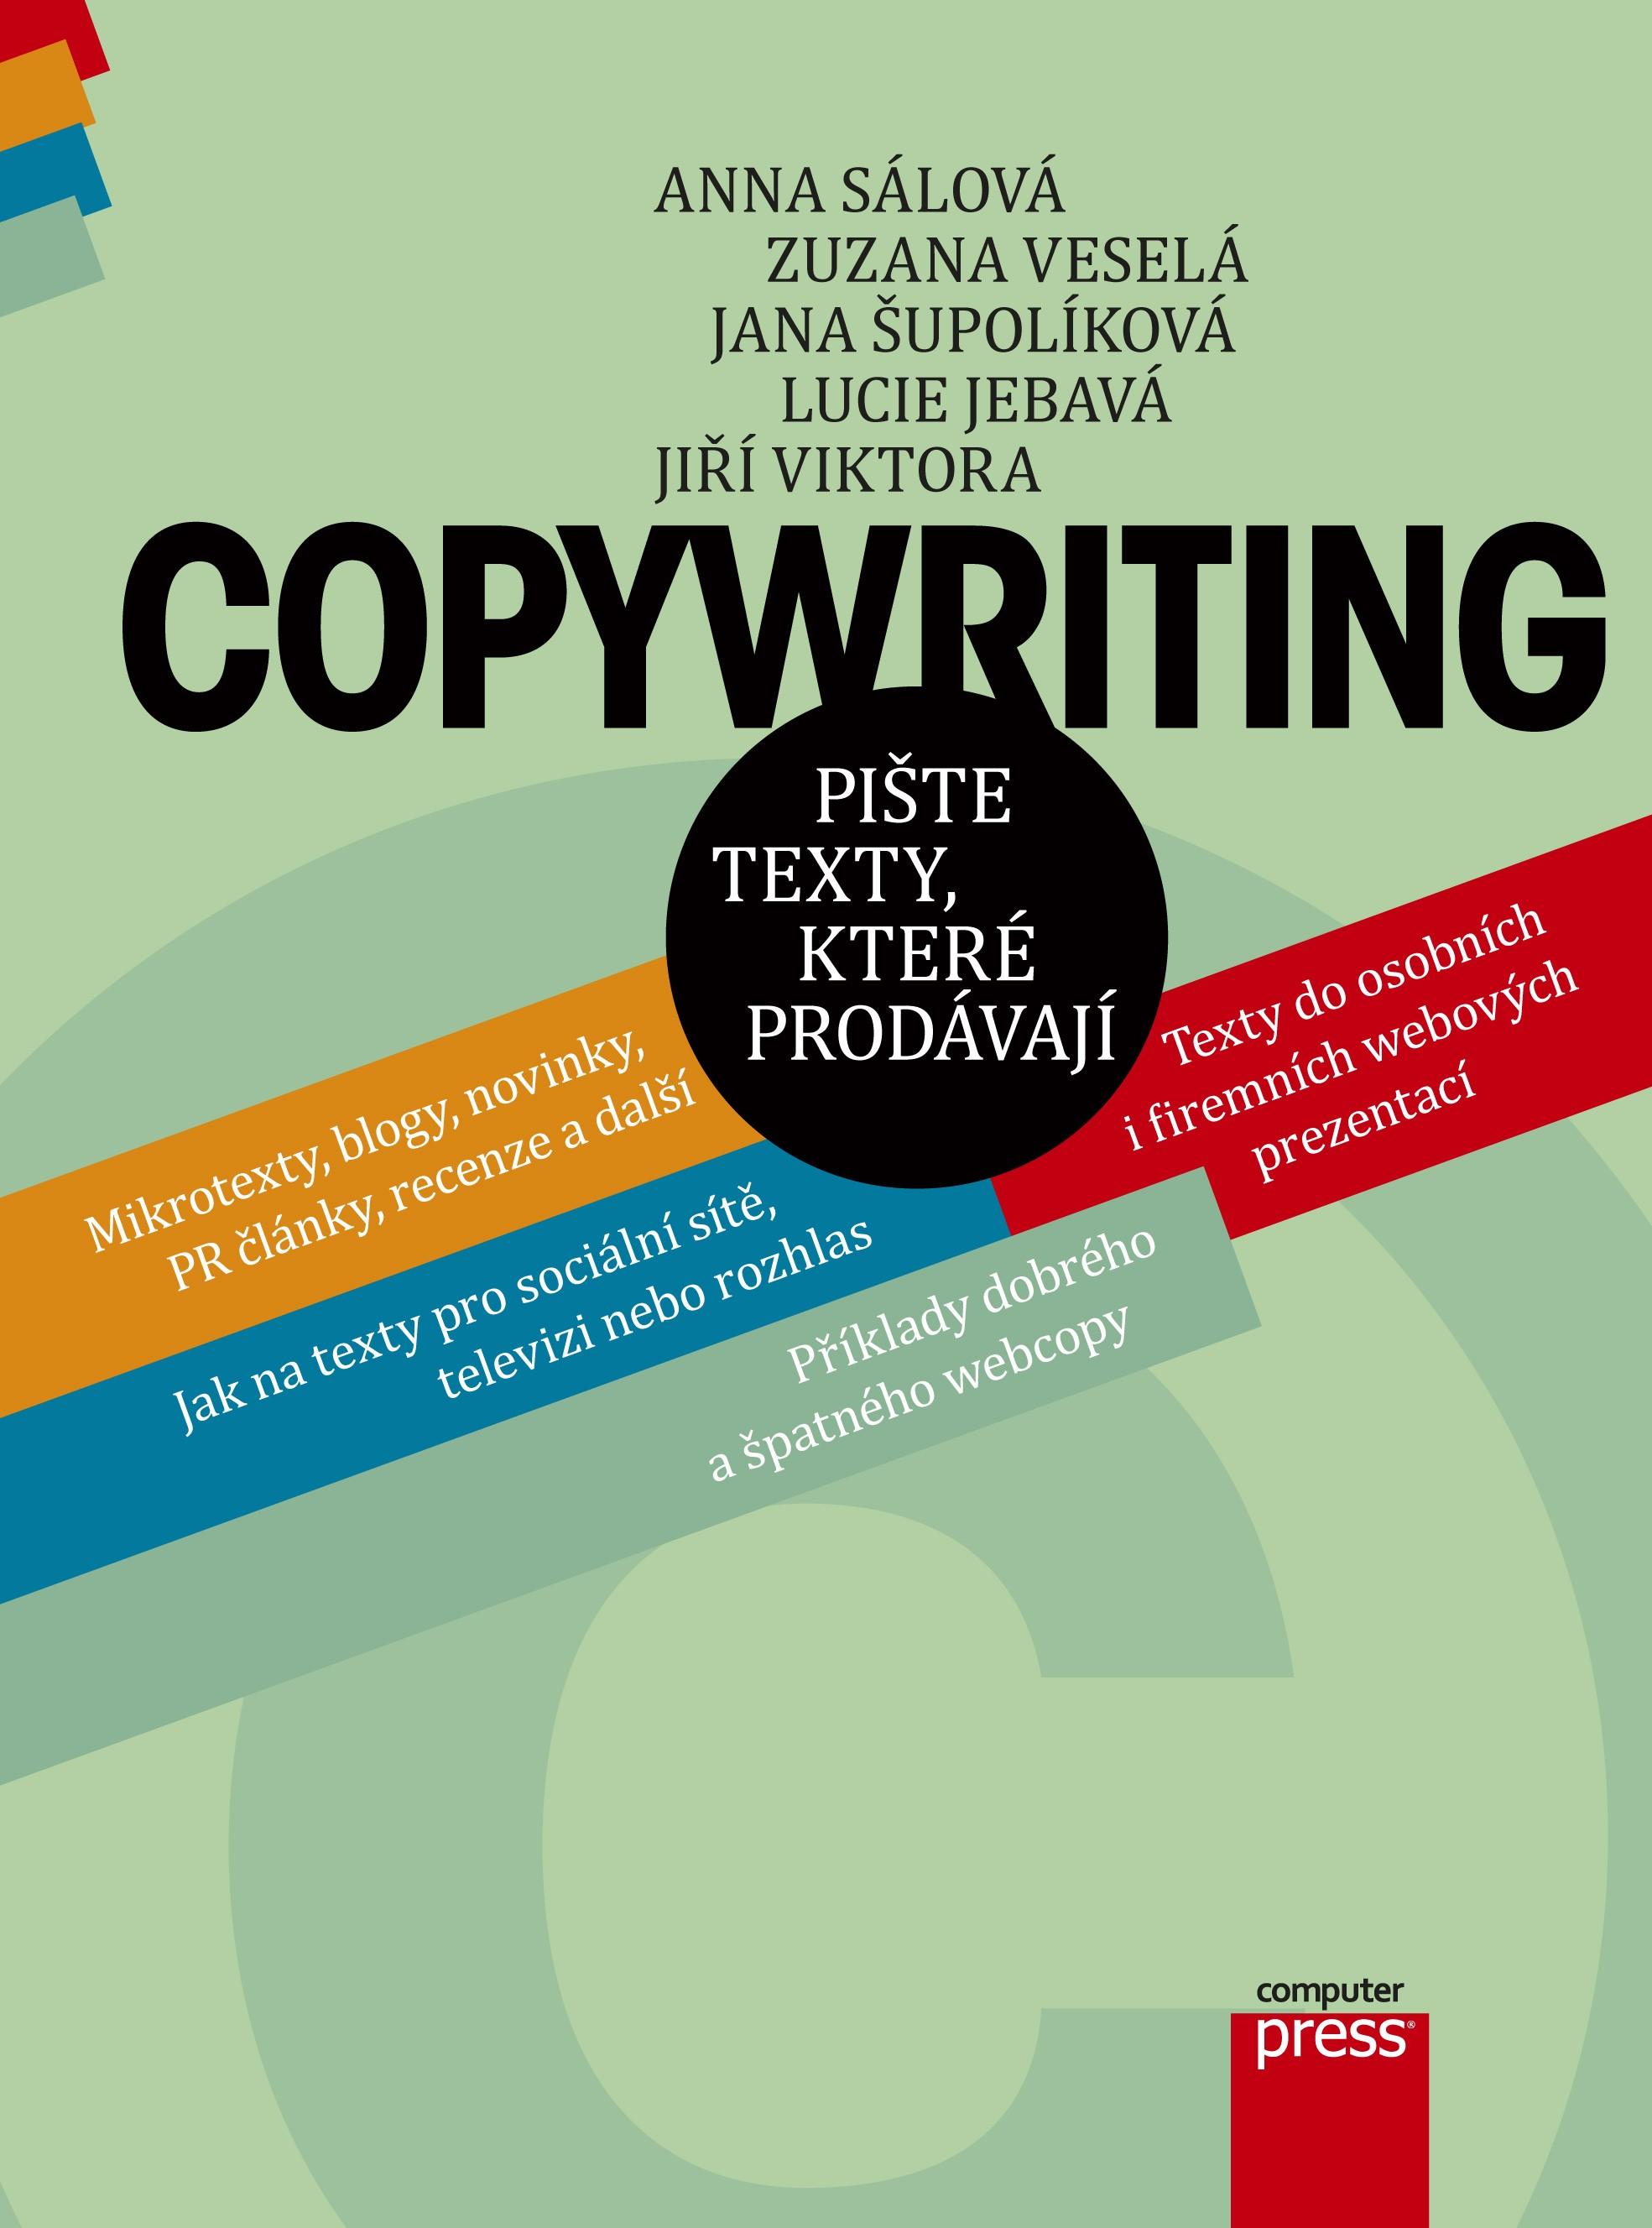 Copywriting | Anna Sálová, Jana Šupolíková, Jiří Viktora, Lucie Jebavá, Zuzana Veselá